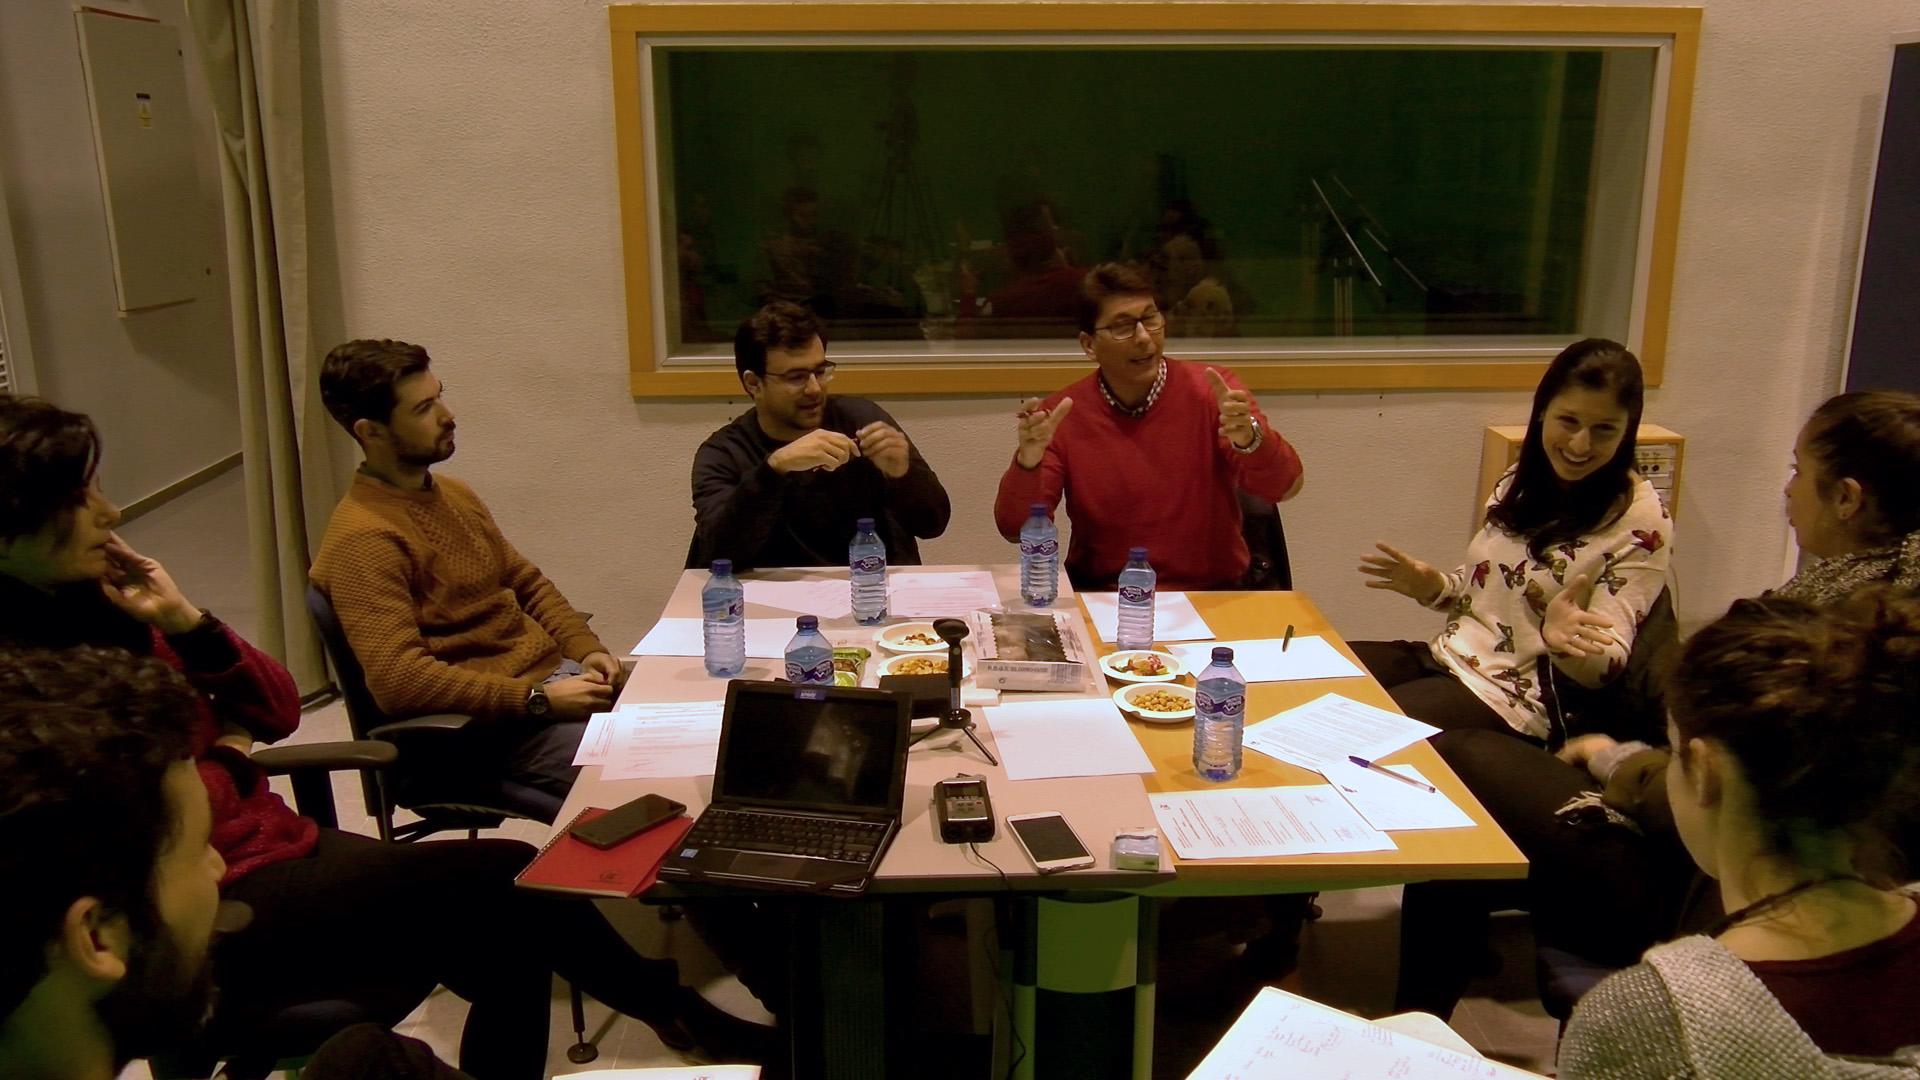 Primer focus group con usuarios de las aplicaciones de online de las cadenas de televisión nacional.